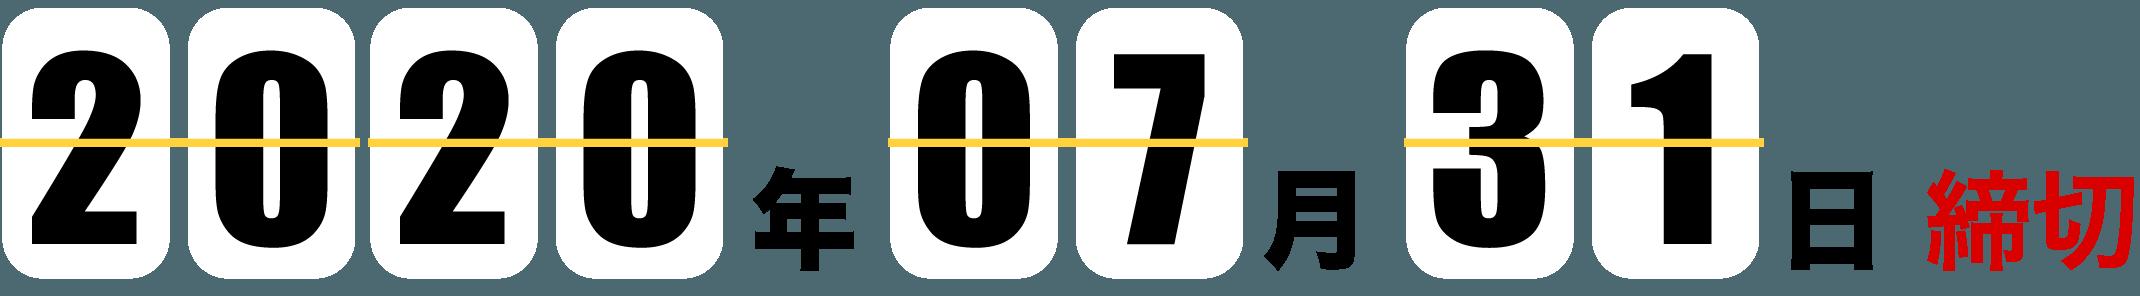 2020年07月31日締切